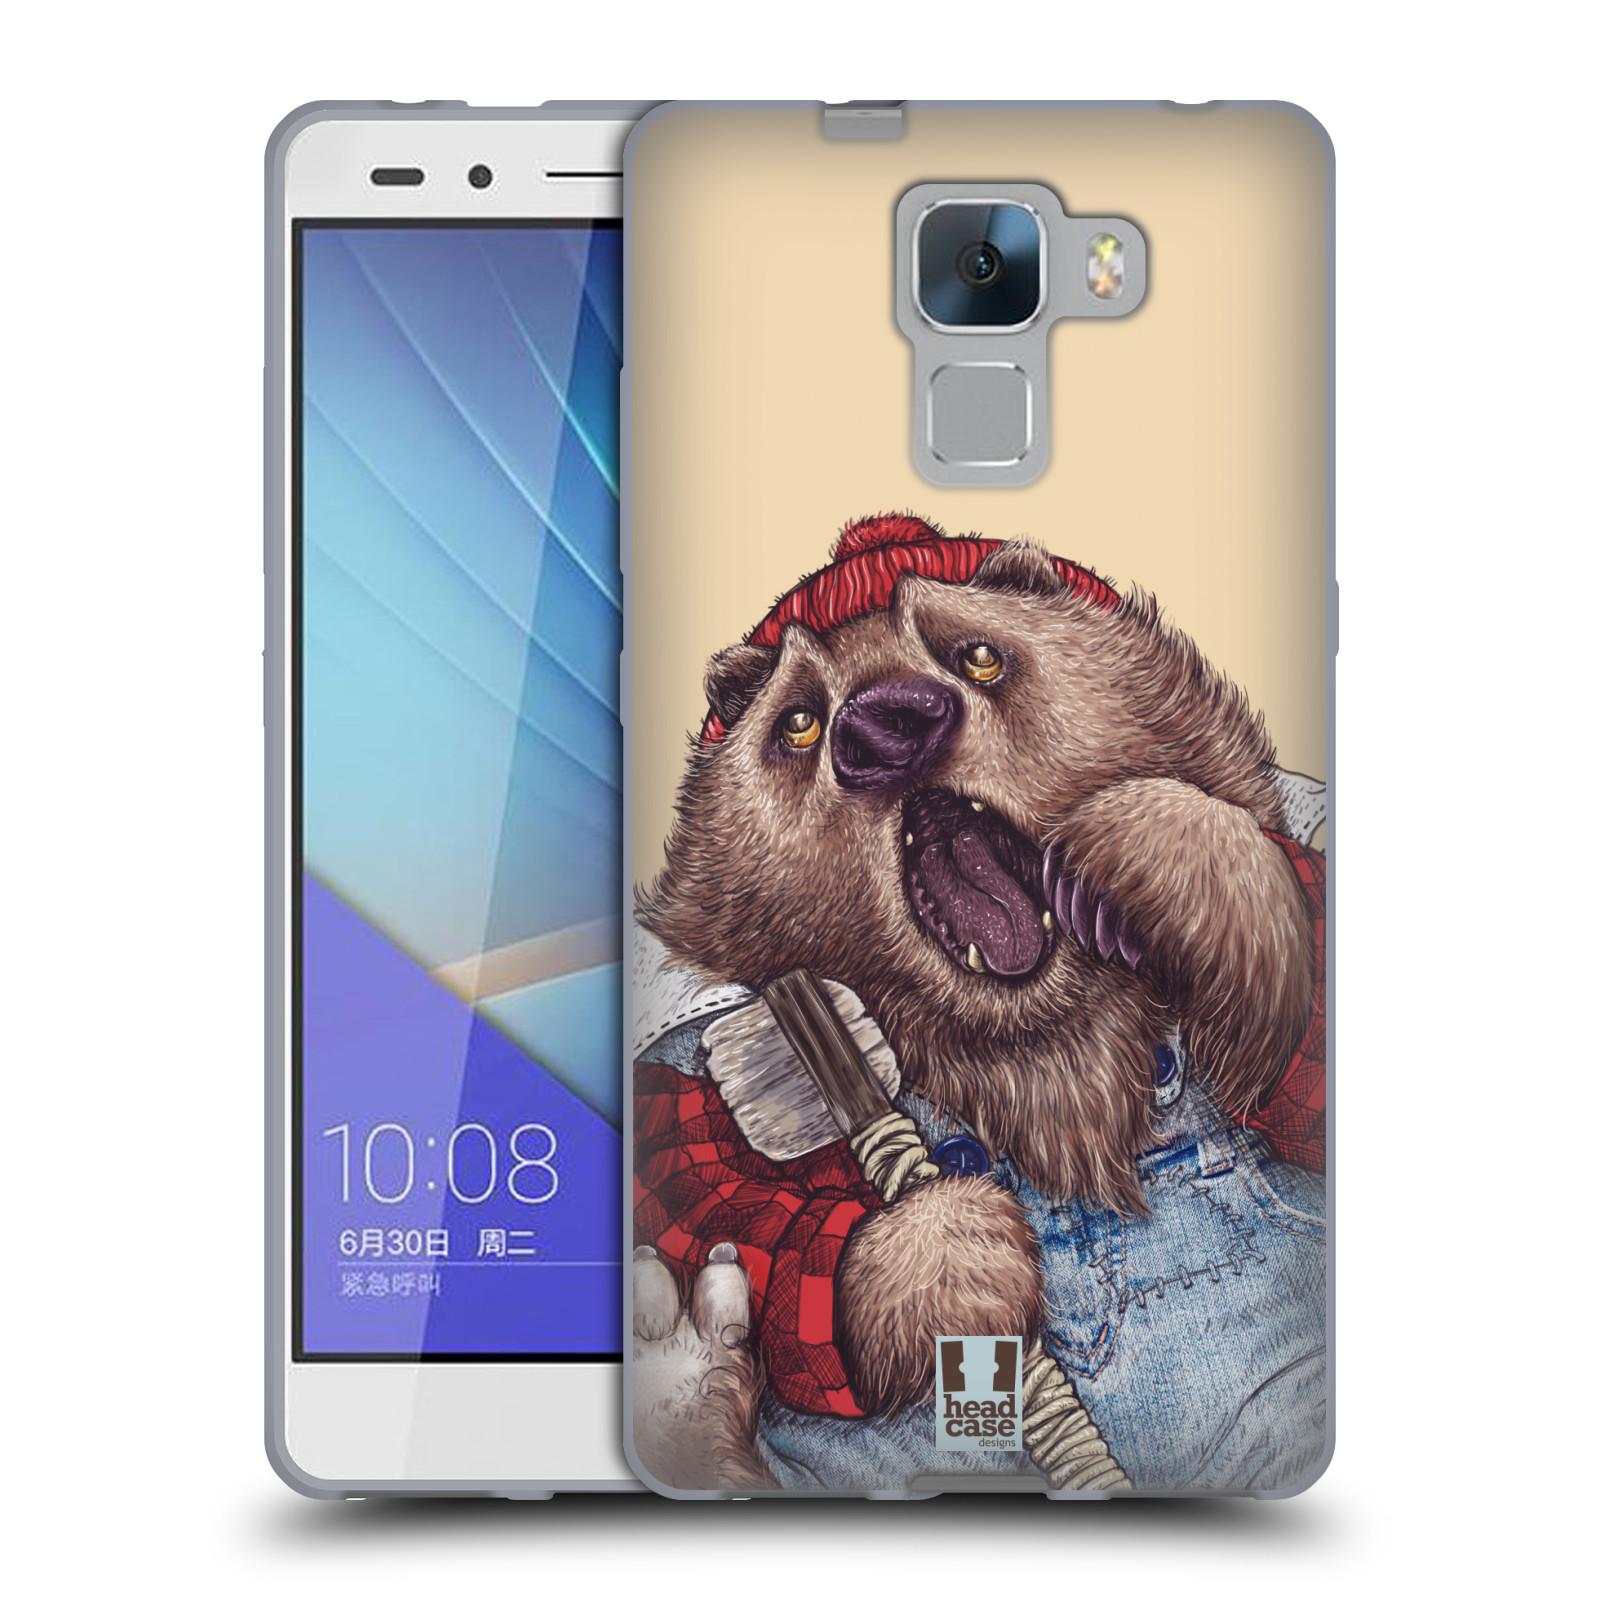 HEAD CASE silikonový obal na mobil HUAWEI HONOR 7 vzor Kreslená zvířátka medvěd